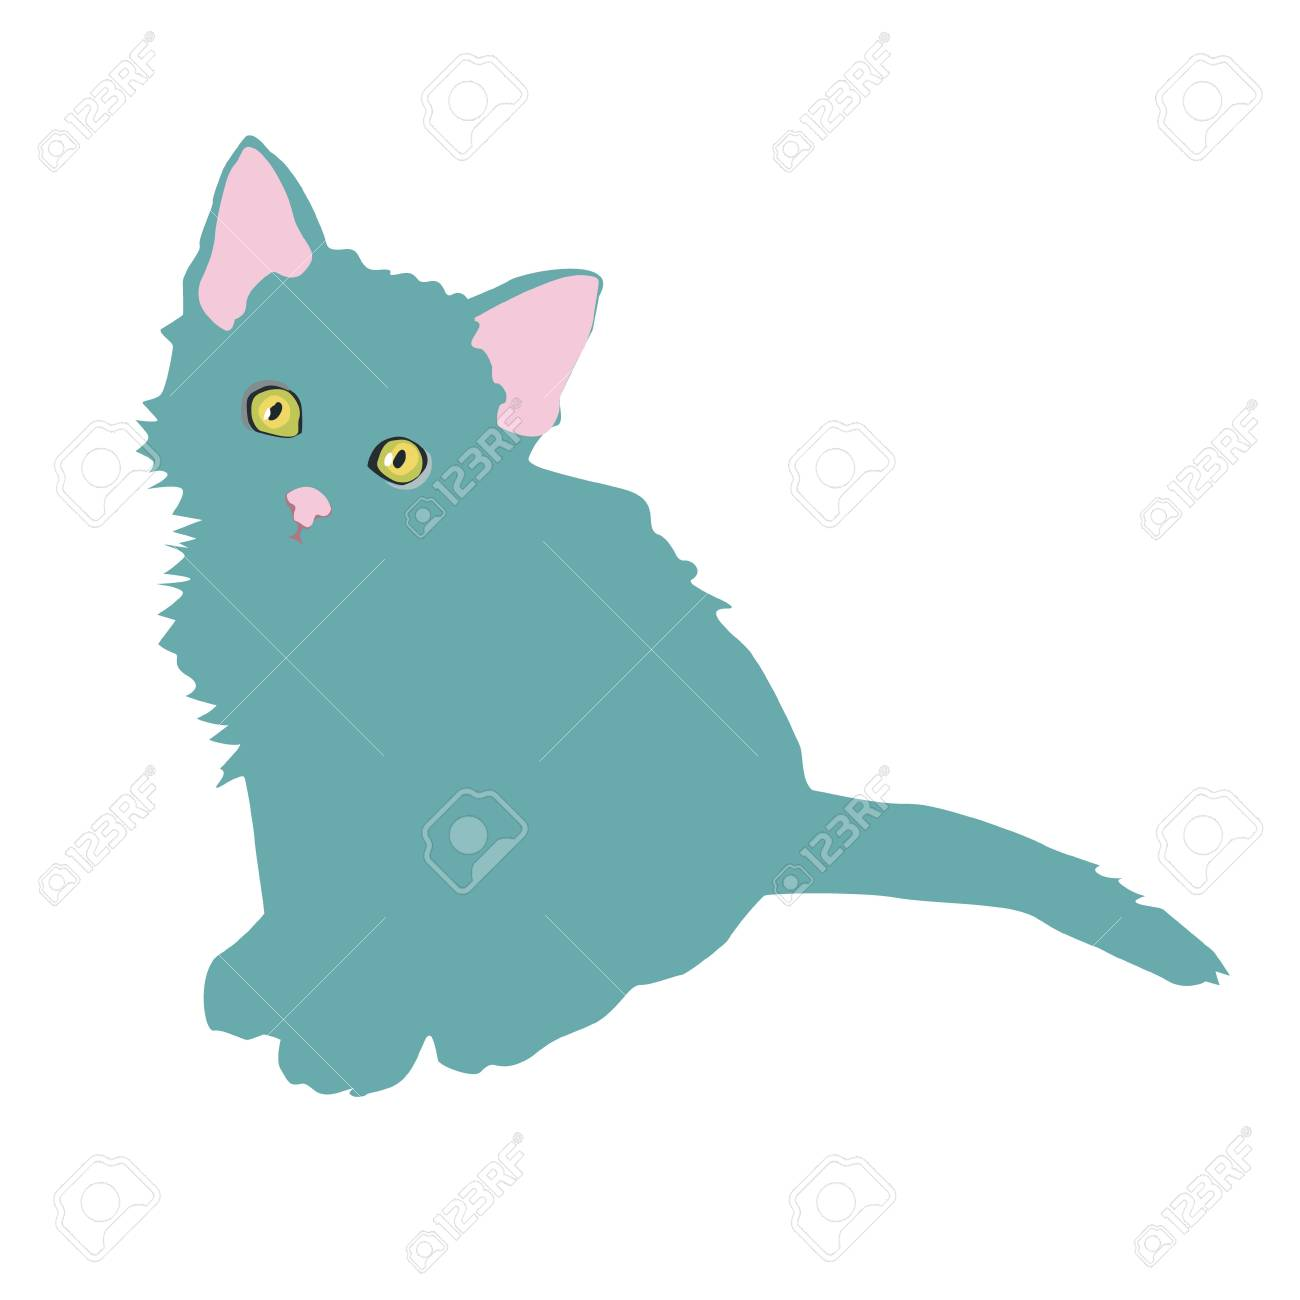 Padrao Com Gatos Bonitos Do Doodle Dos Desenhos Animados No Fundo